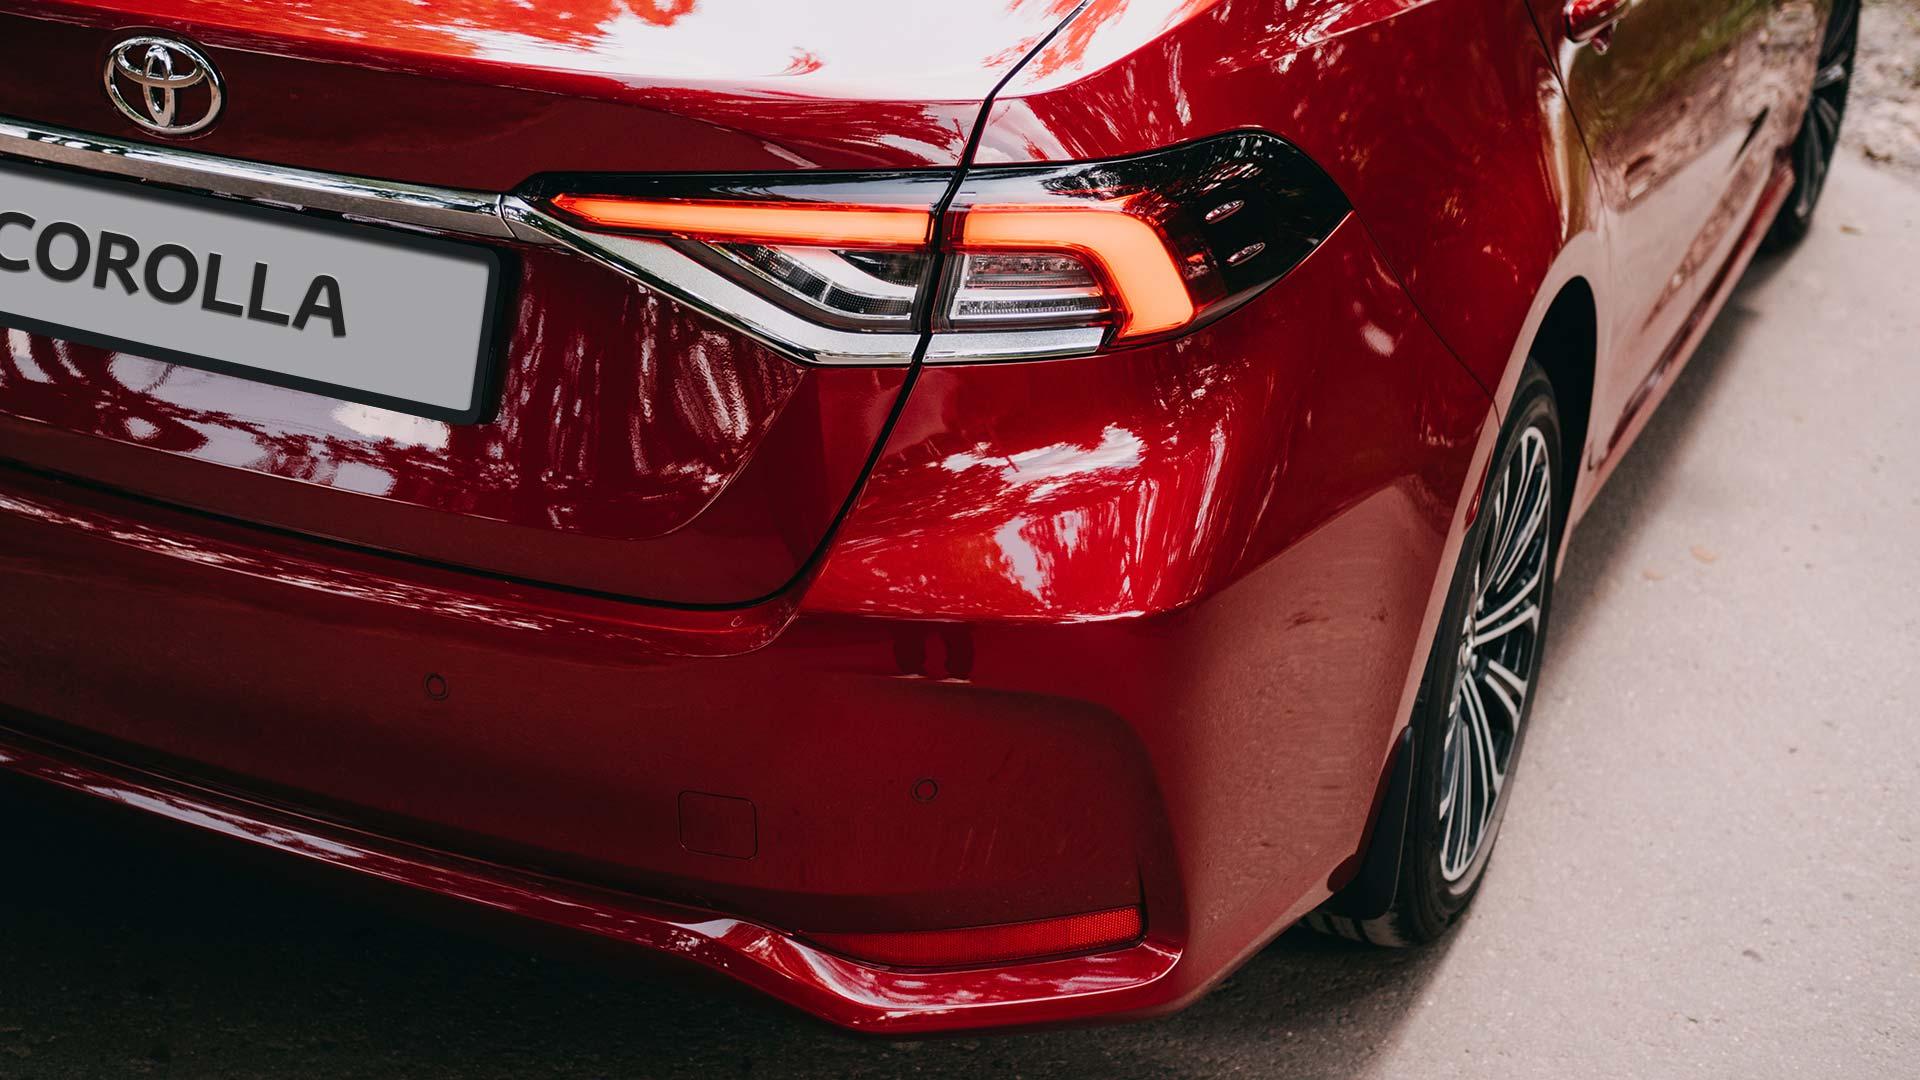 Открыт прием заказов на Toyota Corolla 2020 модельного года